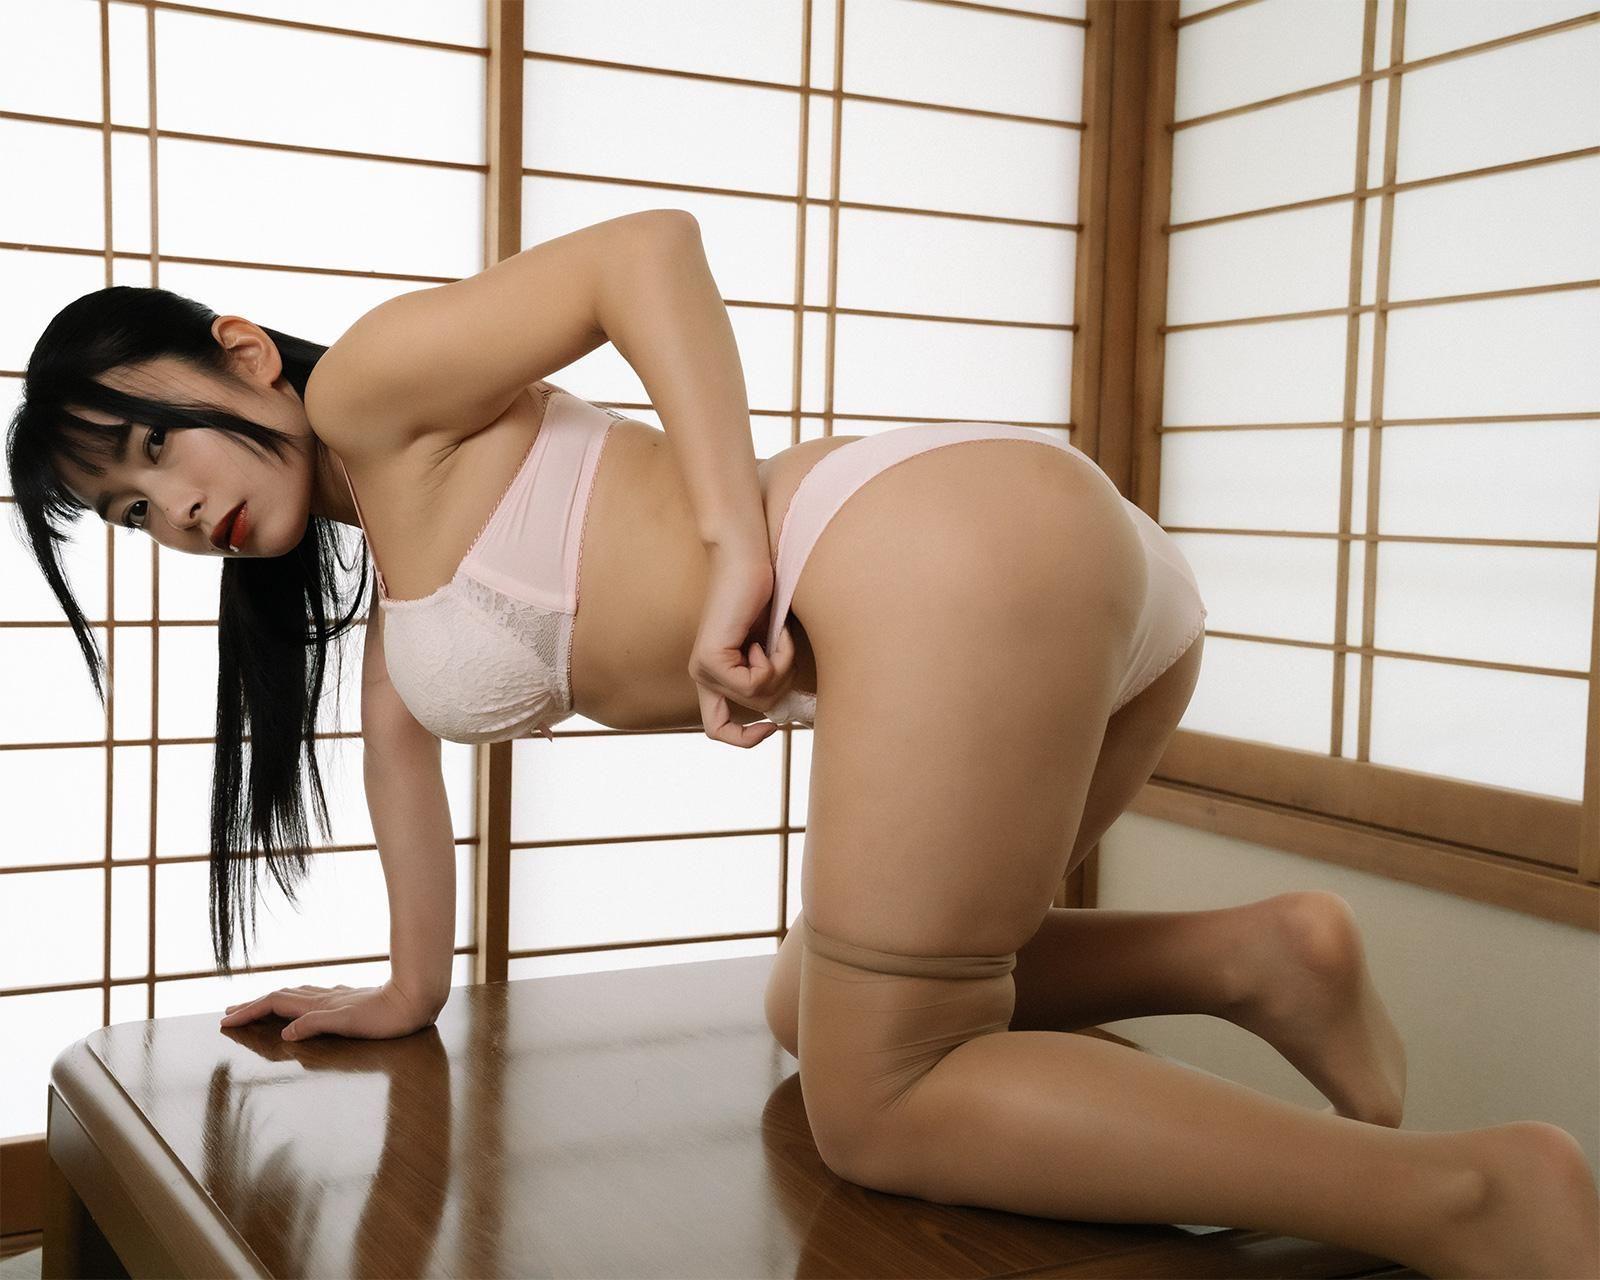 春野恵 写真集『めぐみの恋、秋。』 81photos